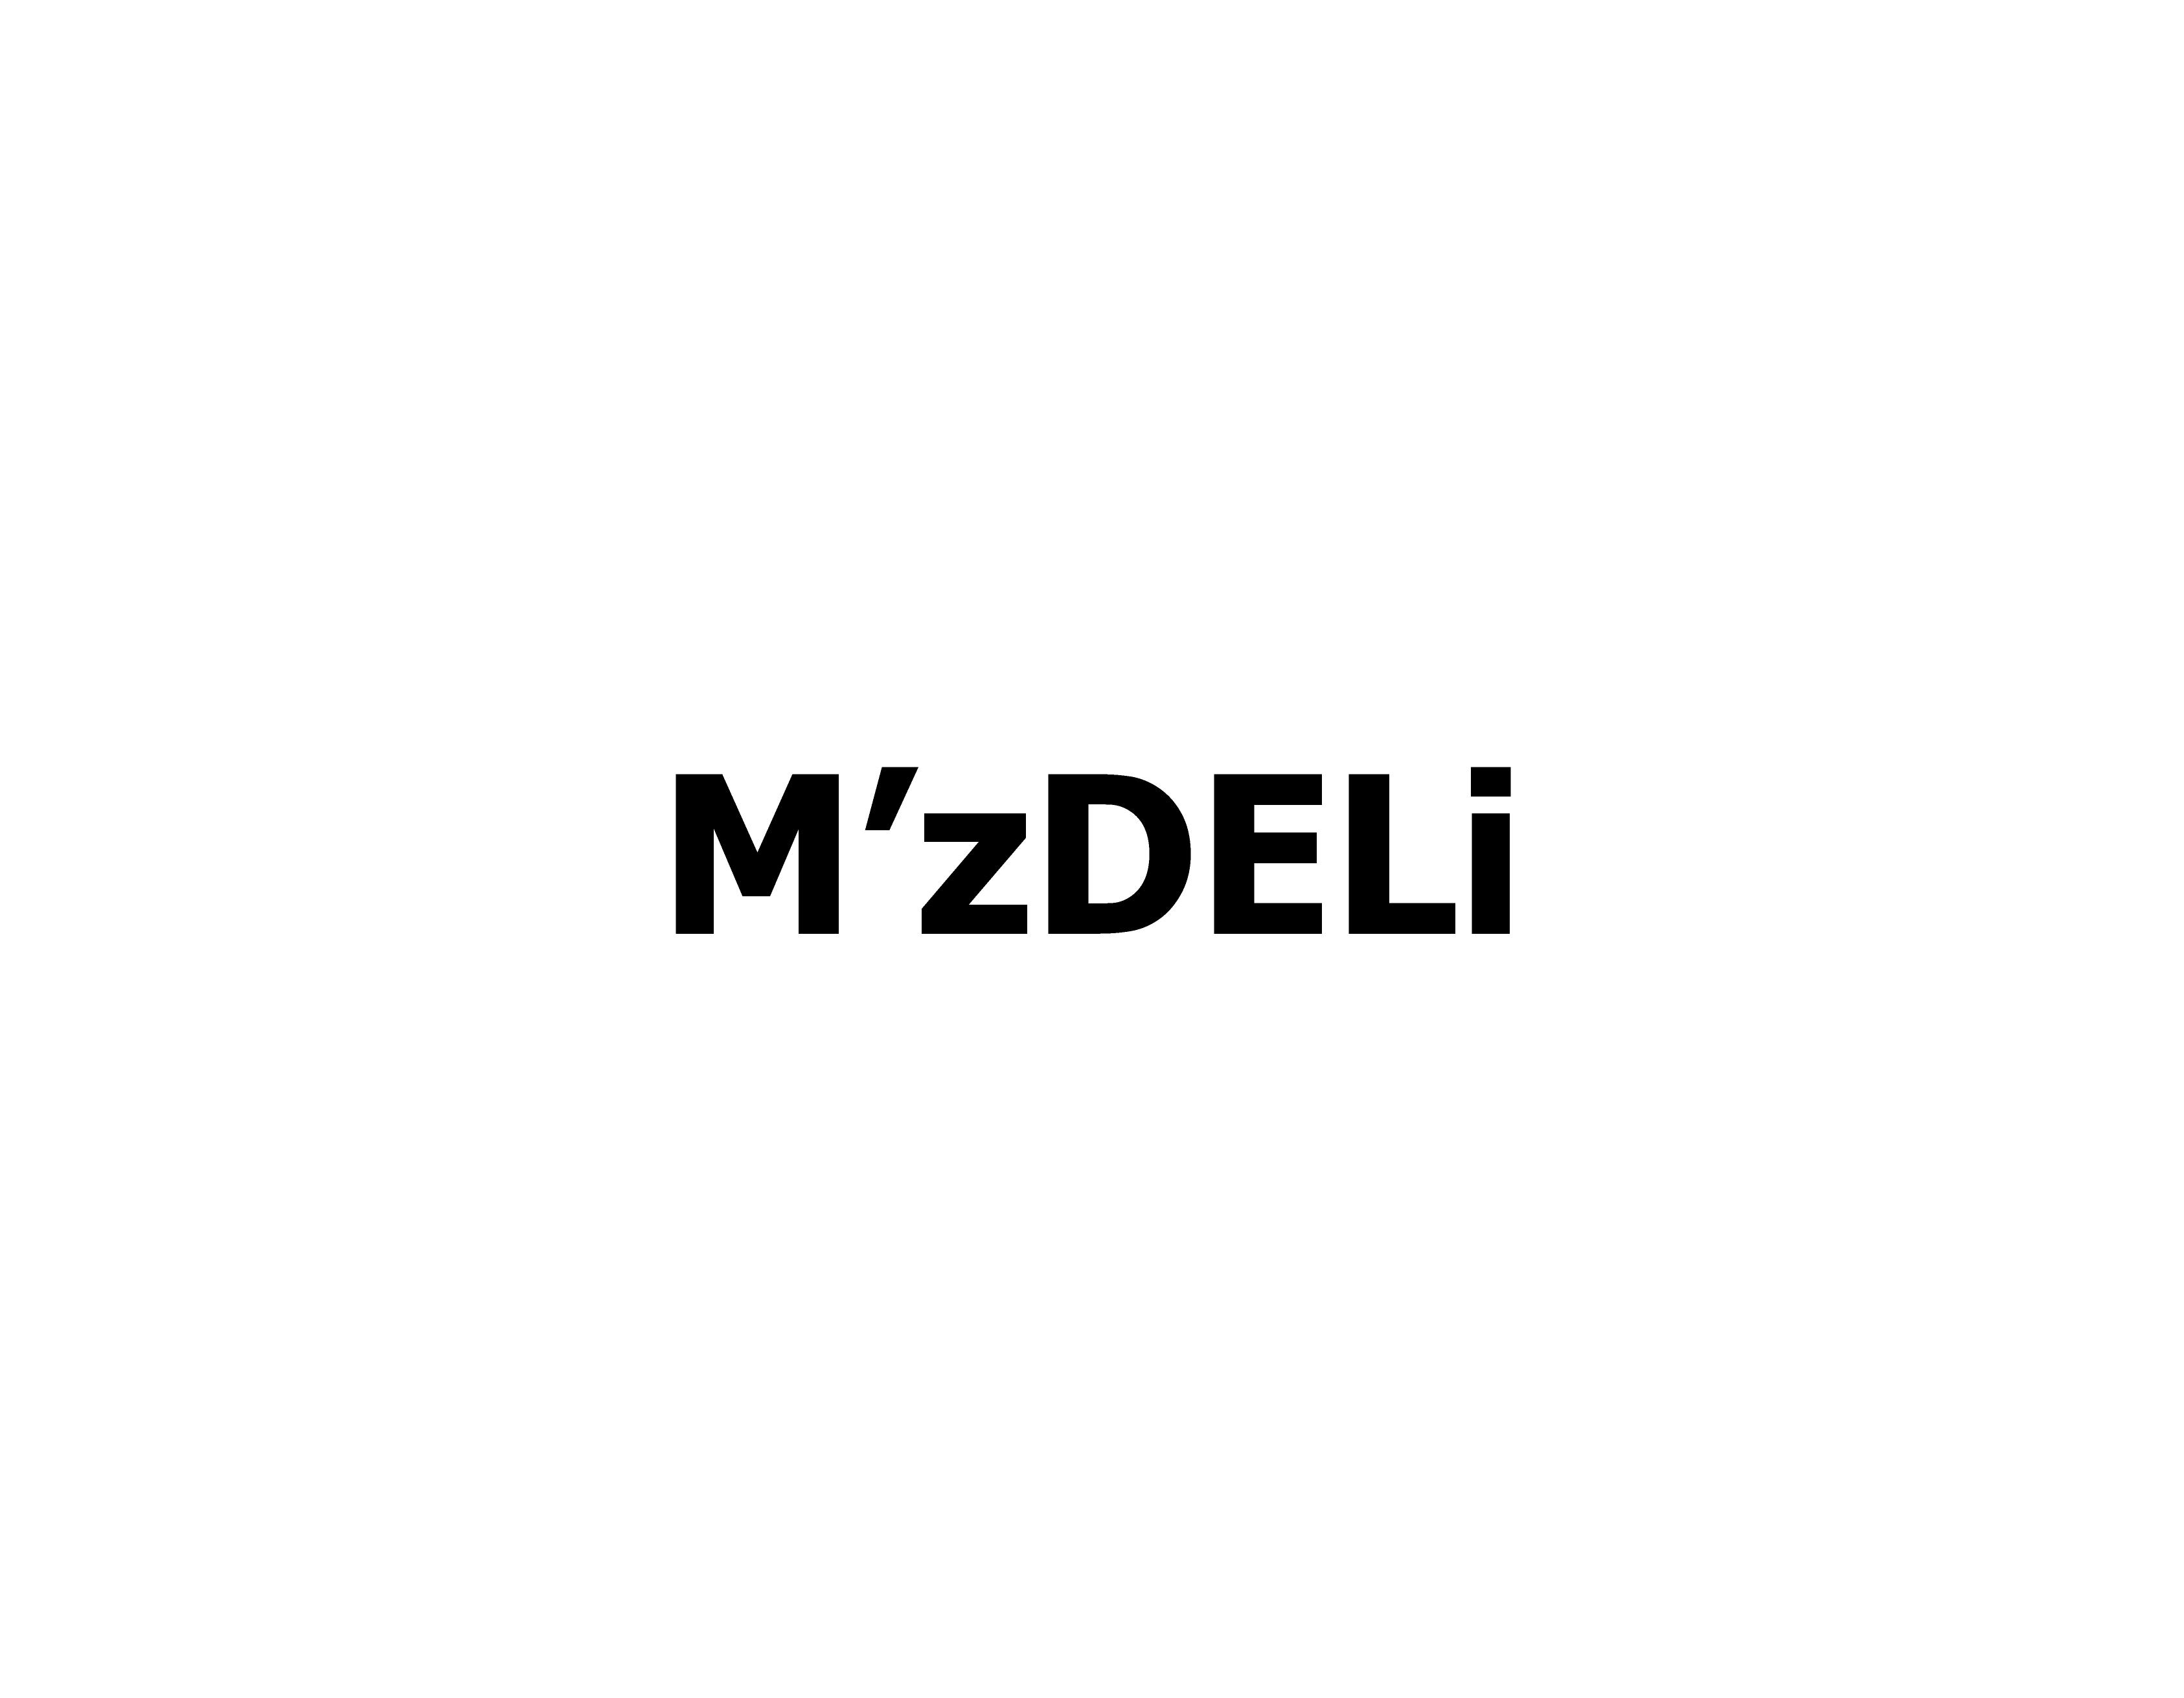 M'zDELi(エムズデリ)